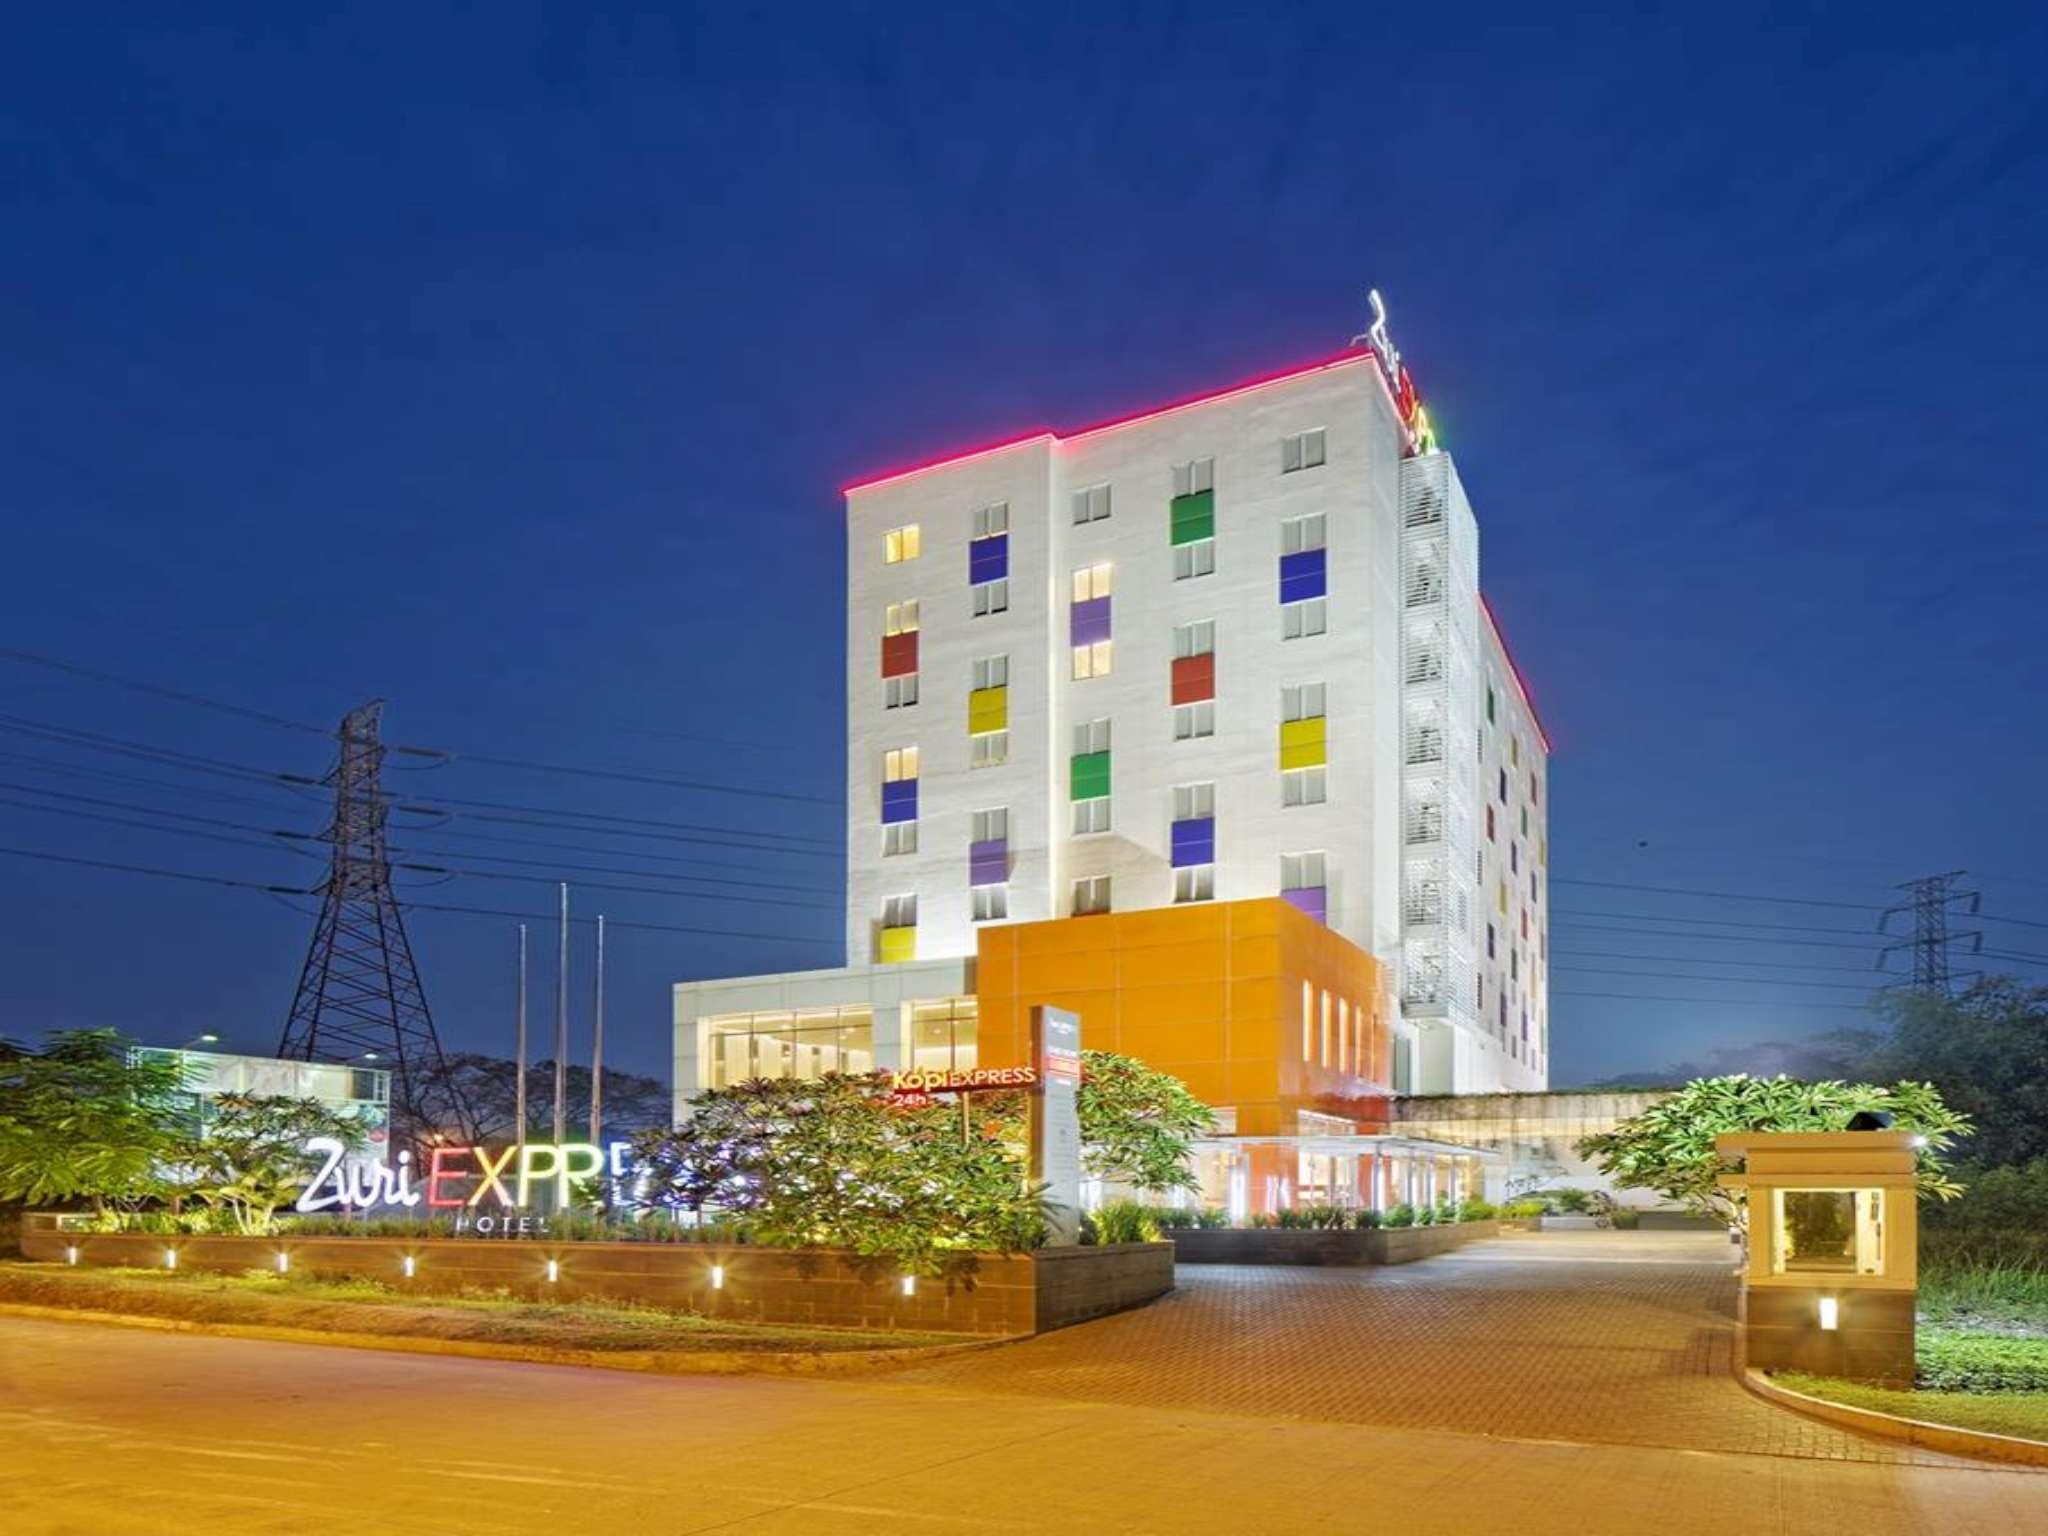 zuri express lippo cikarang hotel room deals reviews photos rh agoda com